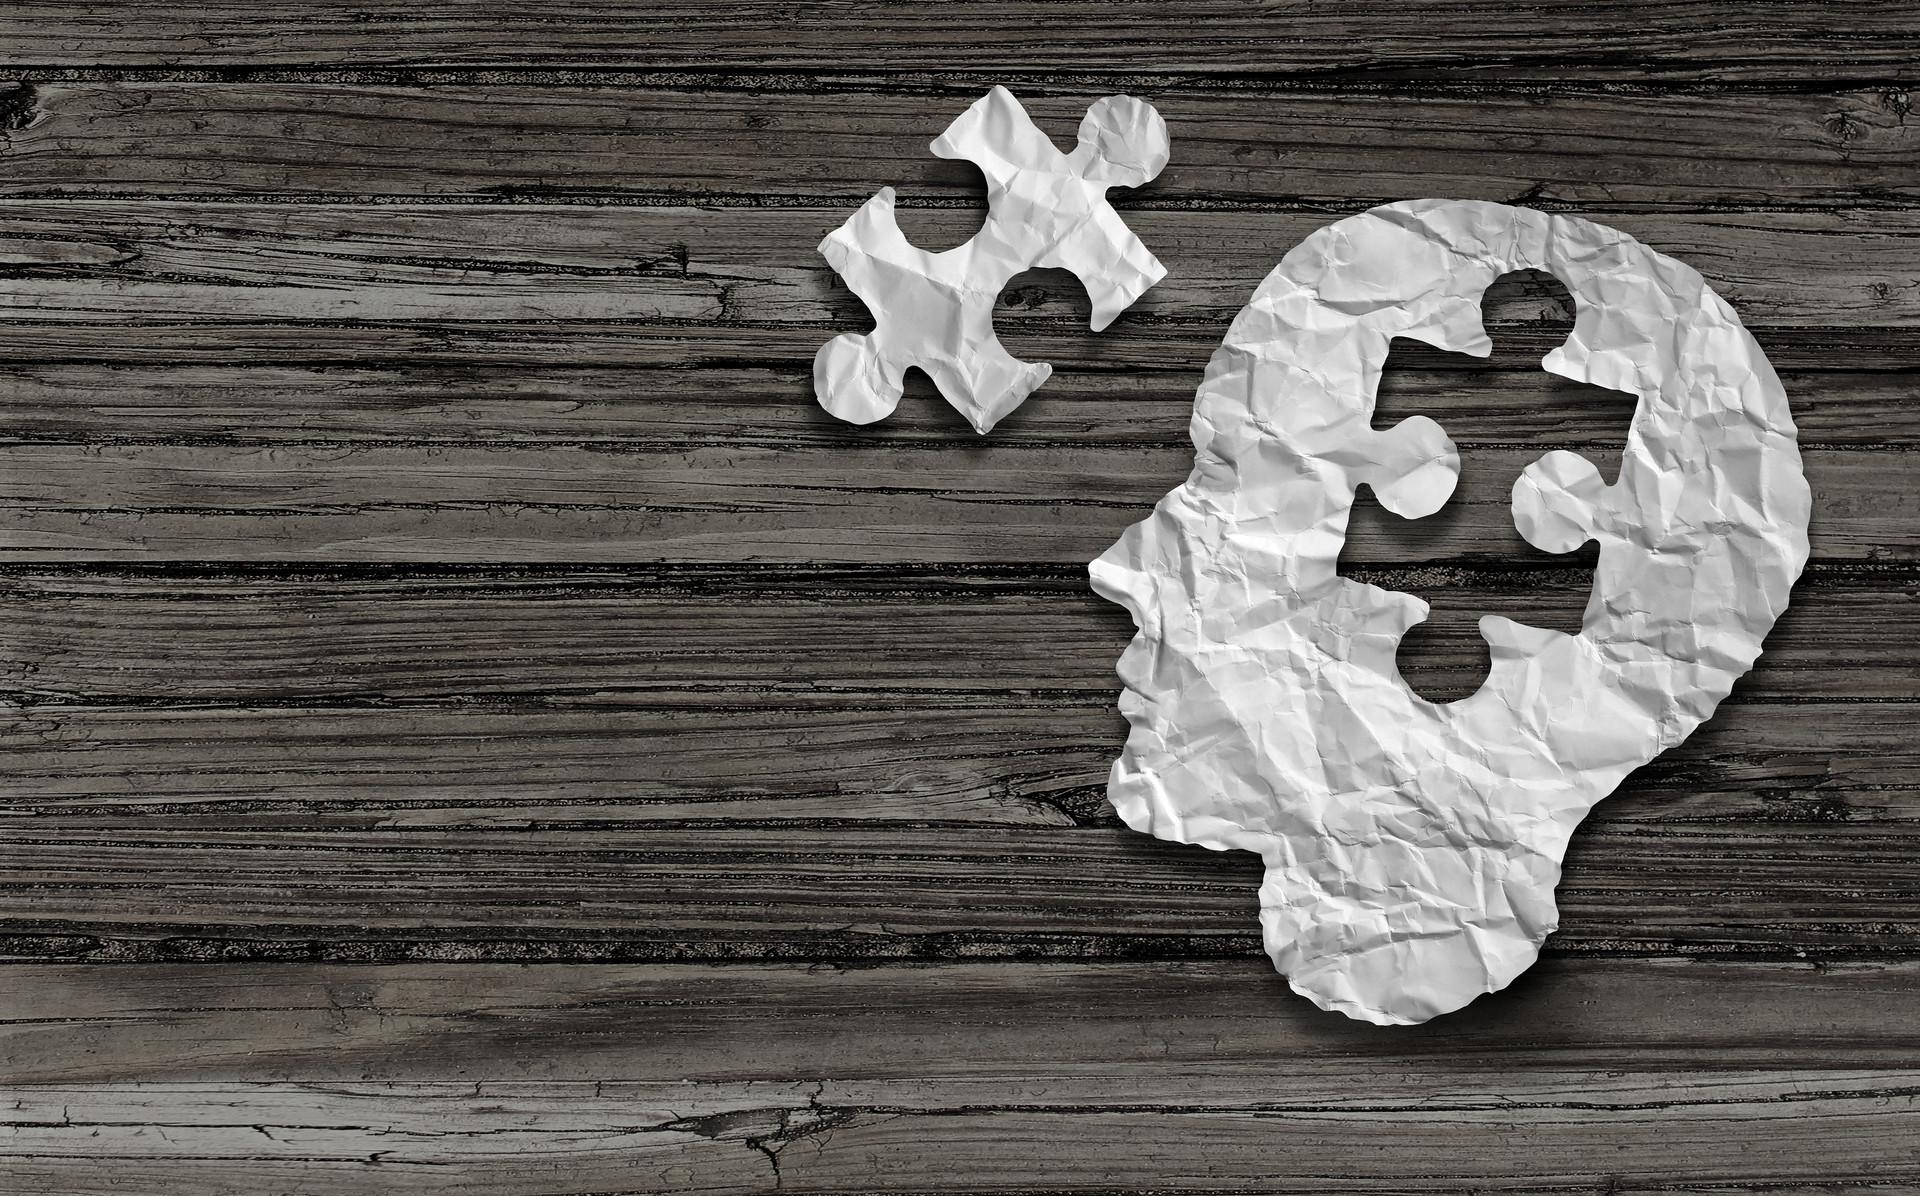 心理咨询师培训,家庭治疗,系统式家庭治疗,德瑞姆,心理咨询技能